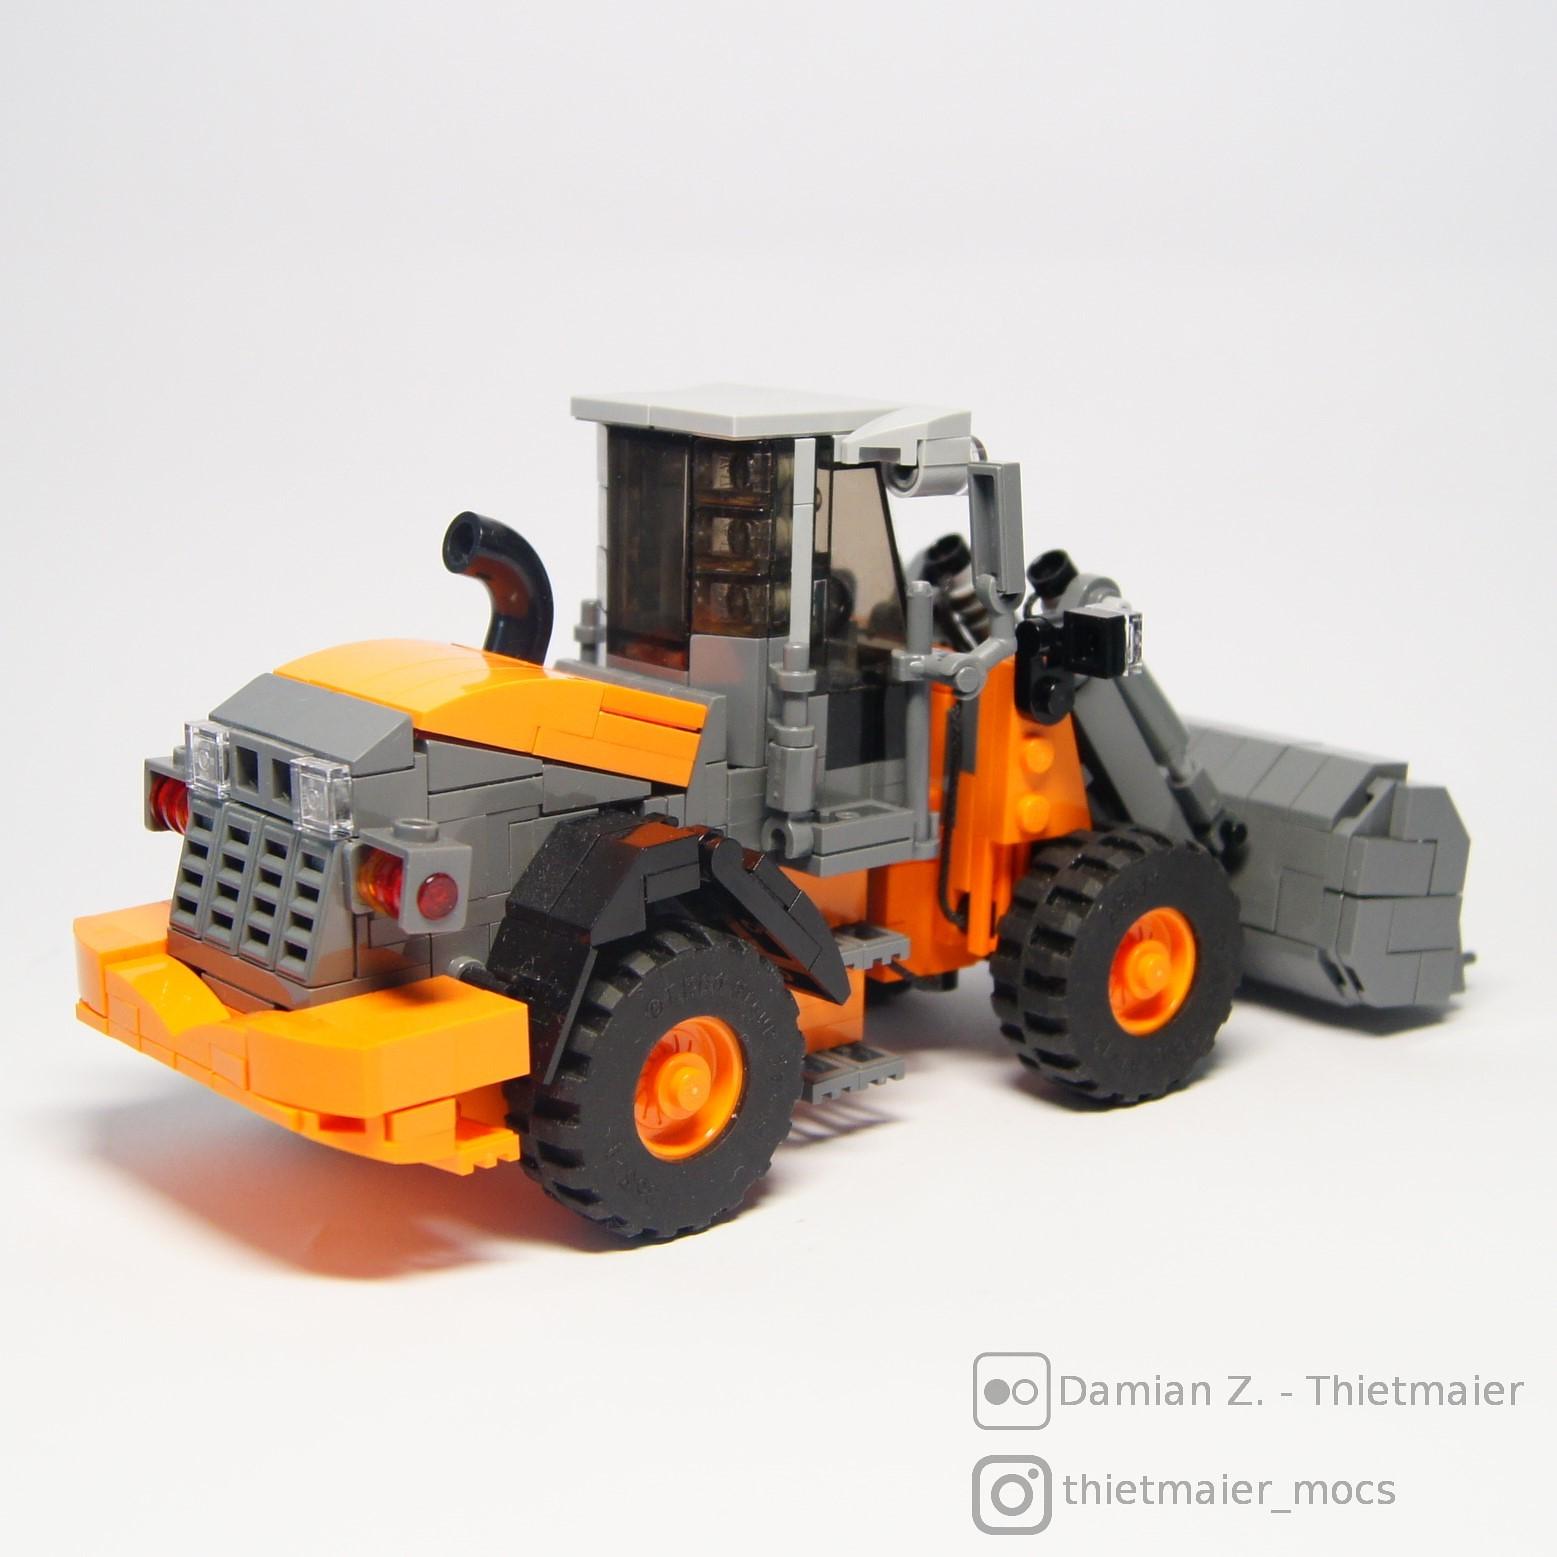 HitachiZW180PL.04